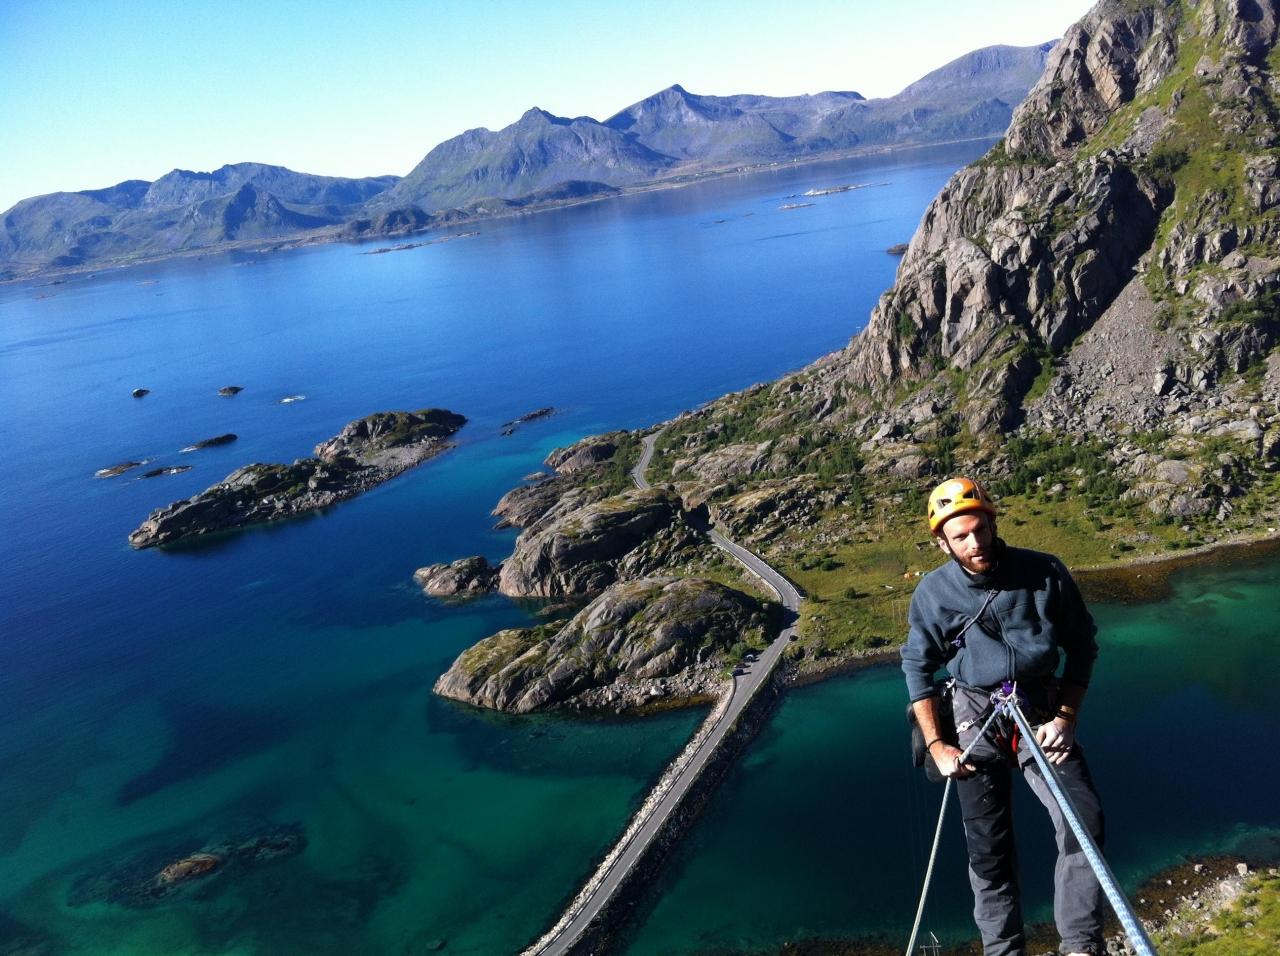 A picture from Lofoten Islands by Filippo Ghilardini